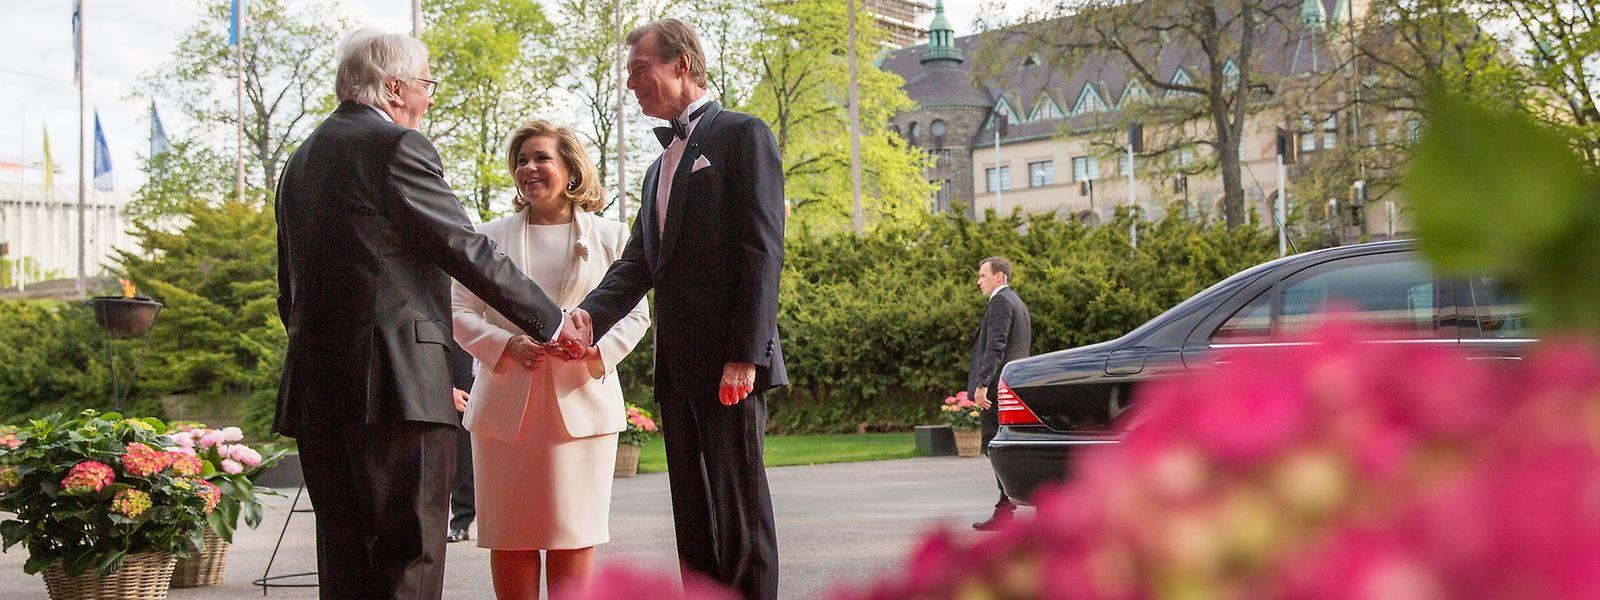 Hofmarschall Lucien Weiler begrüßt das großherzogliche Paar vor der Finlandia-Halle.